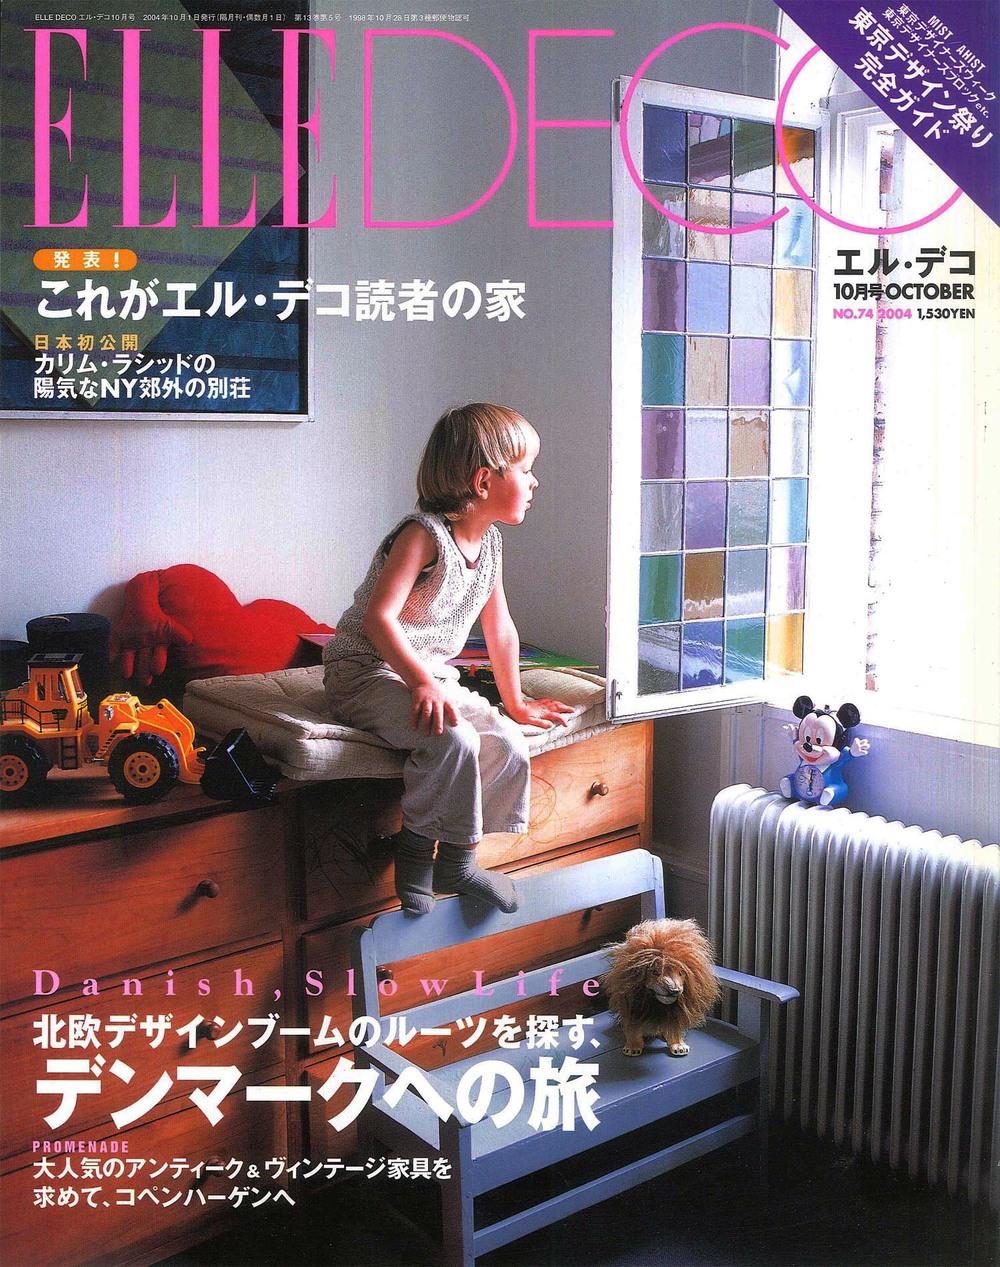 フランスにはない、<br>日本の色や風景が大好き -<br> エマニュエル・ムホー